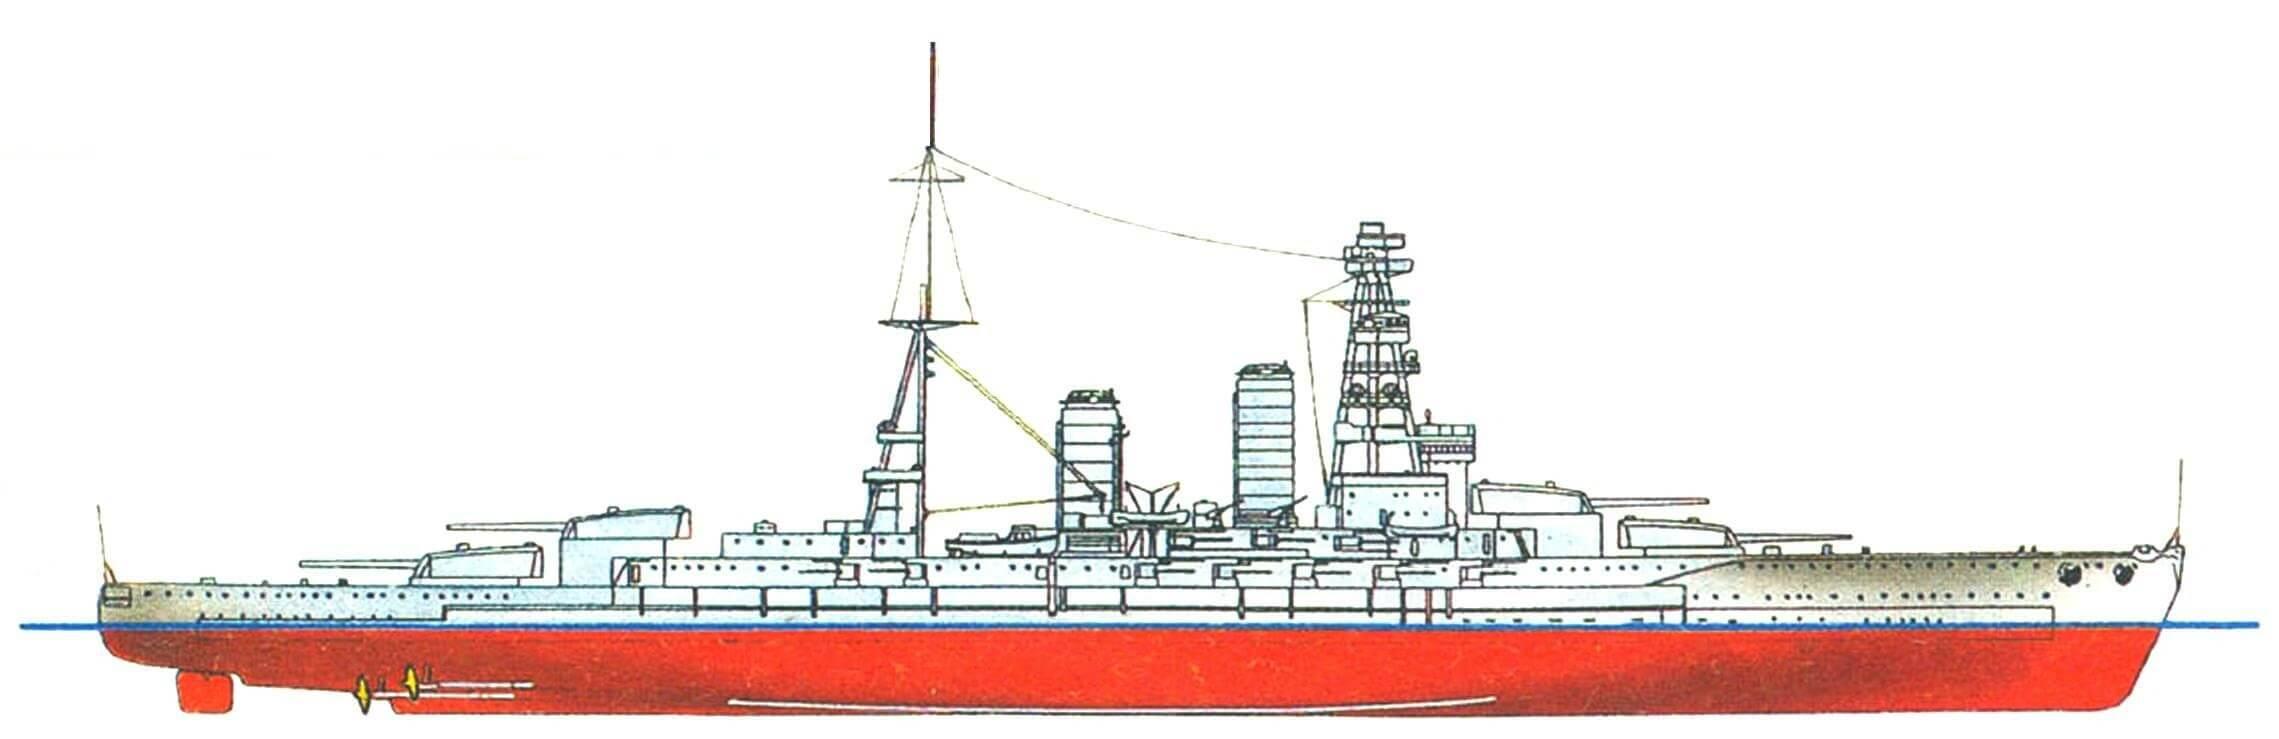 200. Линейный корабль «НАГАТО», Япония, 1920 г. Заложен в 1917 г., спущен на воду в 1919 г. Водоизмещение нормальное — 33 800 т, полное — 38 500 т. Длина наибольшая— 213,4 м, ширина — 29 м, осадка — 9,2 м. Мощность турбин — 80 000 л.с., скорость — 26,5 узла. Броня: главный пояс — 330—229 мм, в оконечностях — 102 мм, верхний пояс — 203 мм, каземат вспомогательной артиллерии — 152 мм, башни и барбеты — 305 мм, броневая палуба — 76— 37 мм, рубка — 305 мм. Вооружение: восемь 406-мм, двадцать 140-мм и четыре 80-мм орудия. Всего построено два корабля: «Нагато» и «Мутцу» (1921 г.).